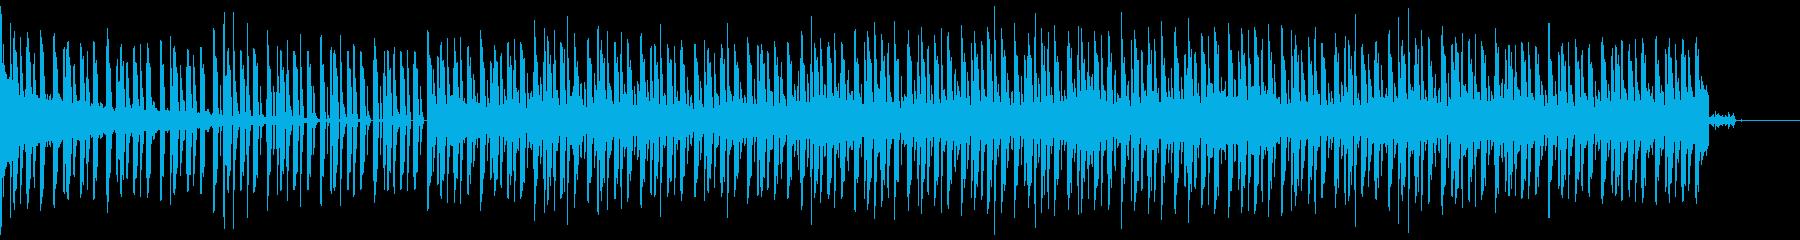 戦略的BGMの再生済みの波形